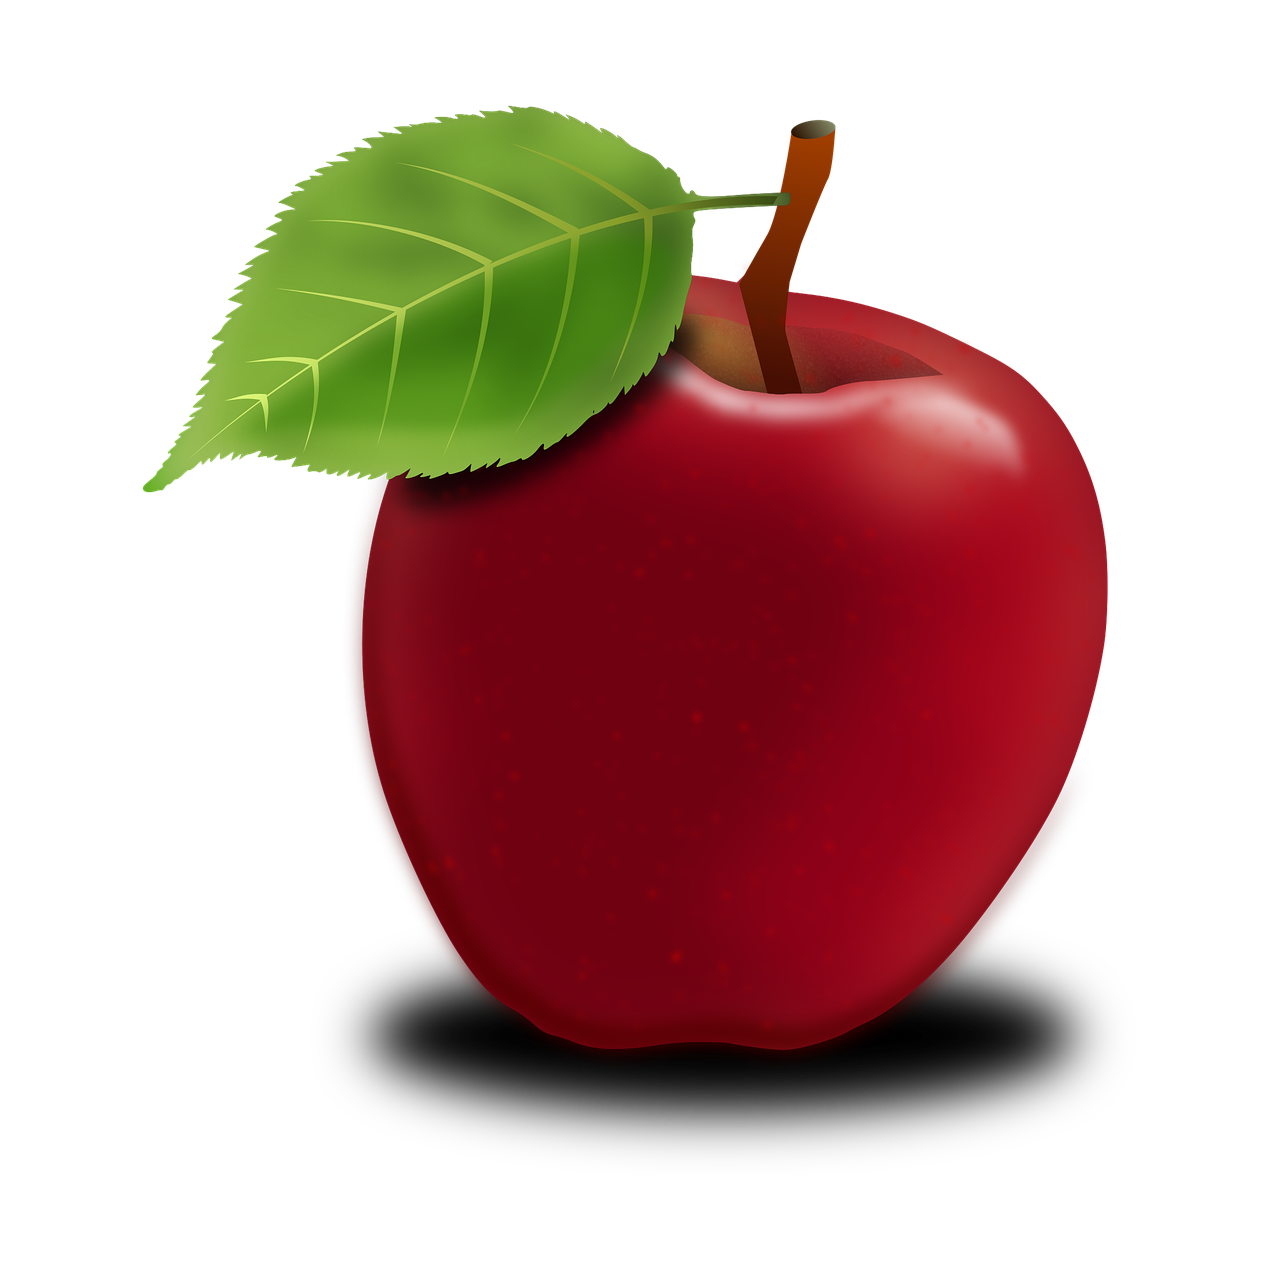 Яблоки в картинках для детей